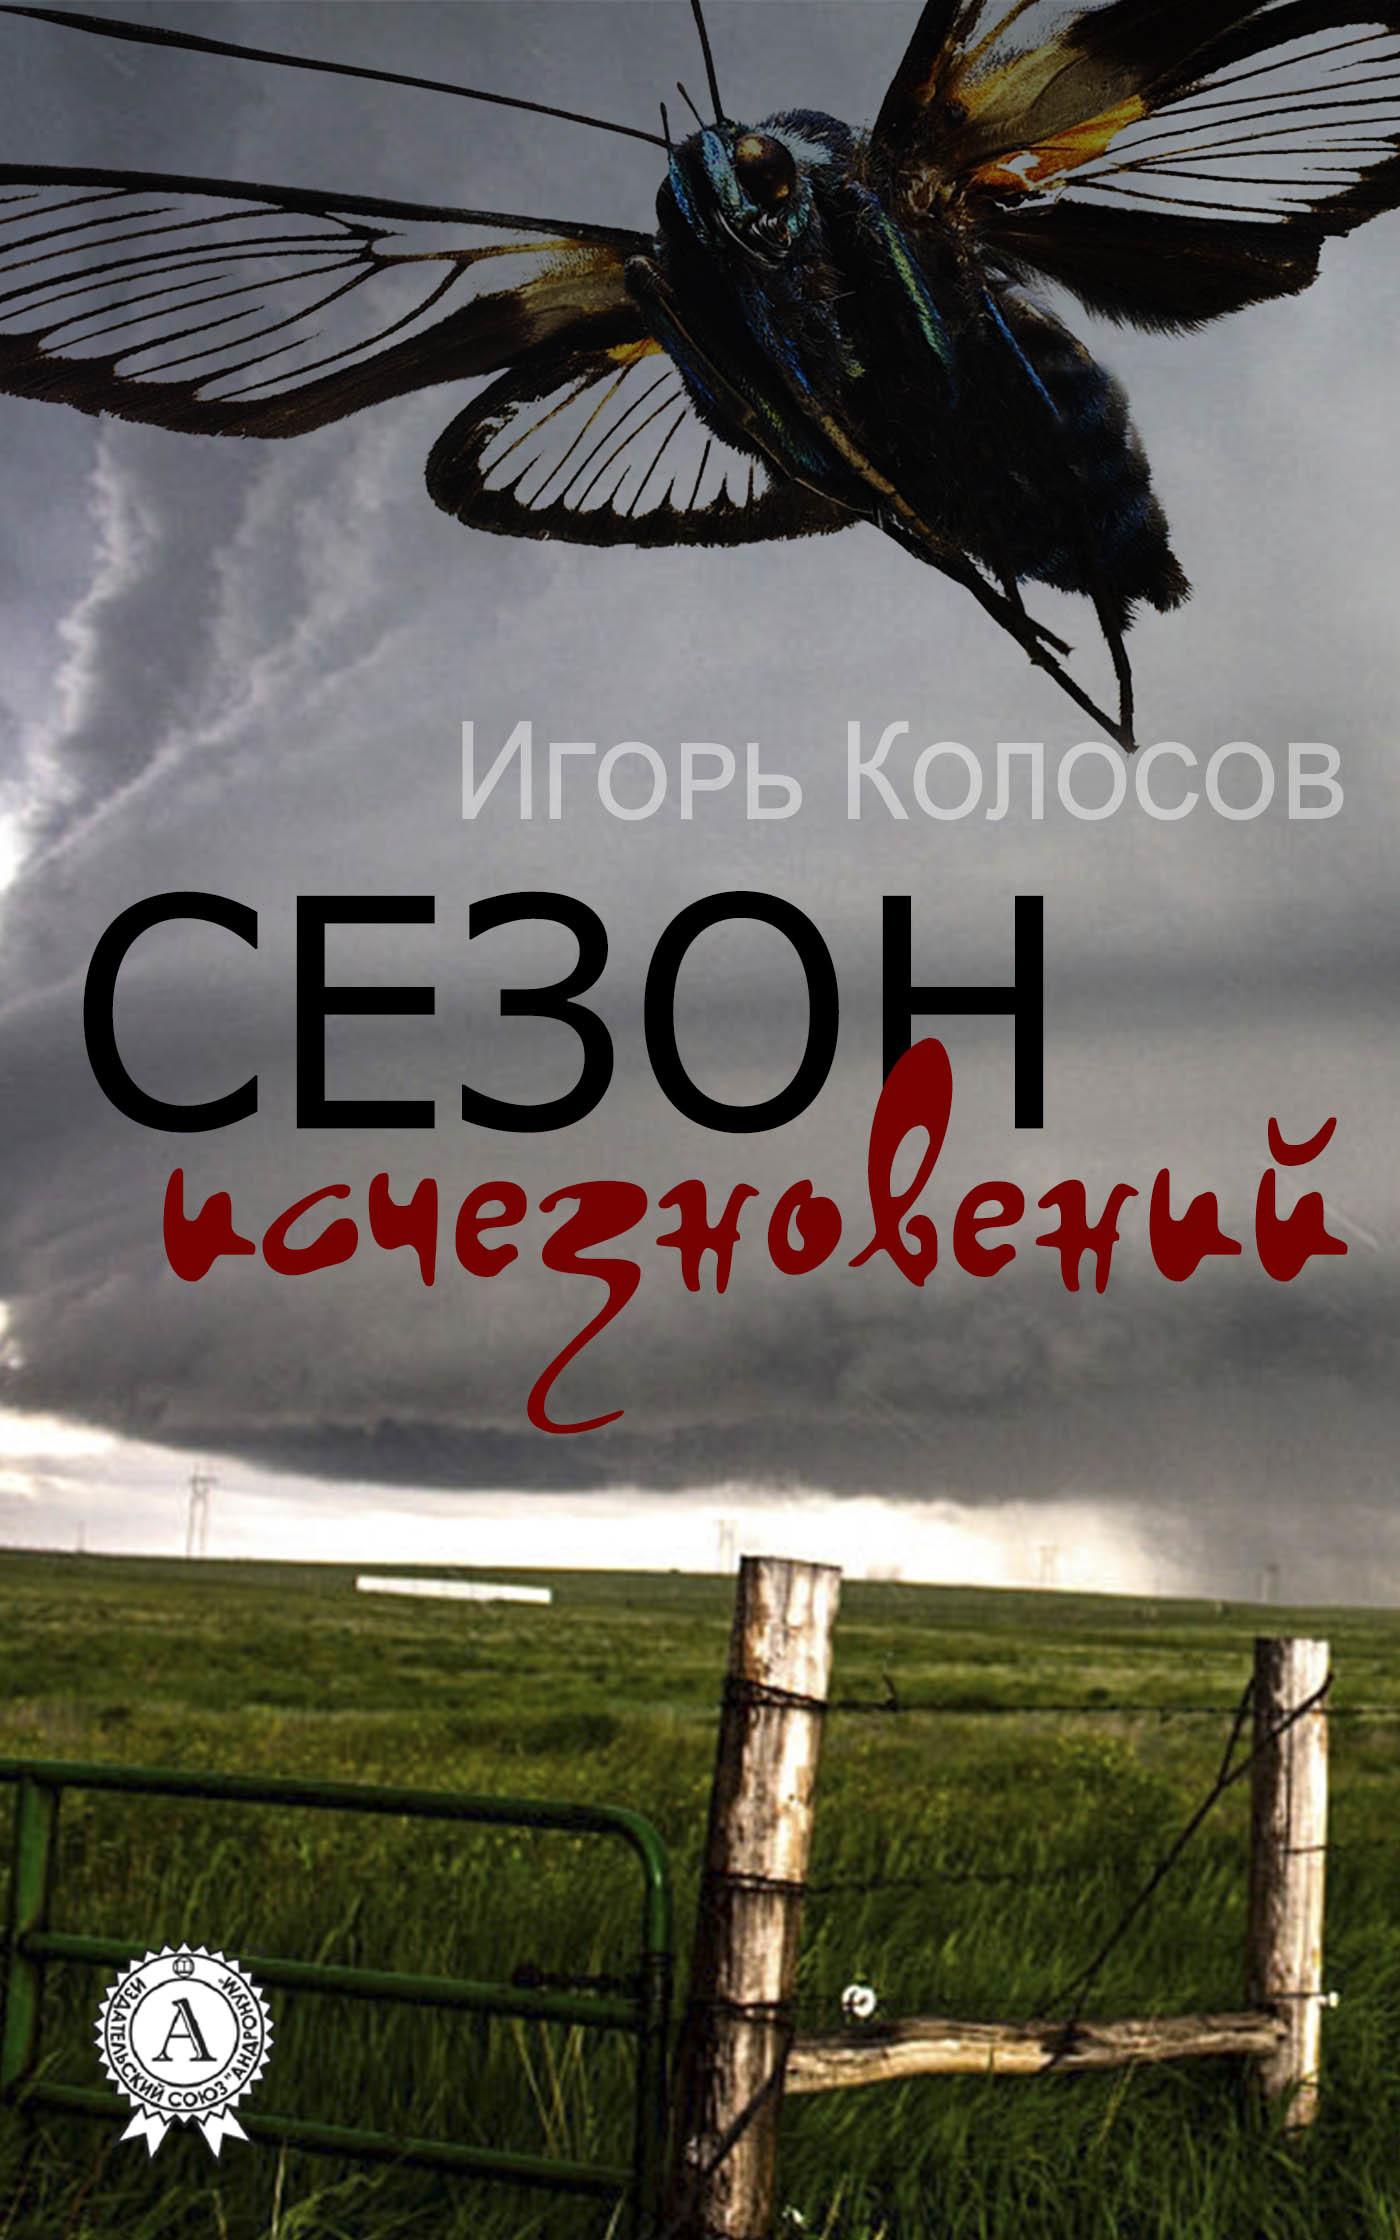 Игорь Колосов - Сезон исчезновений